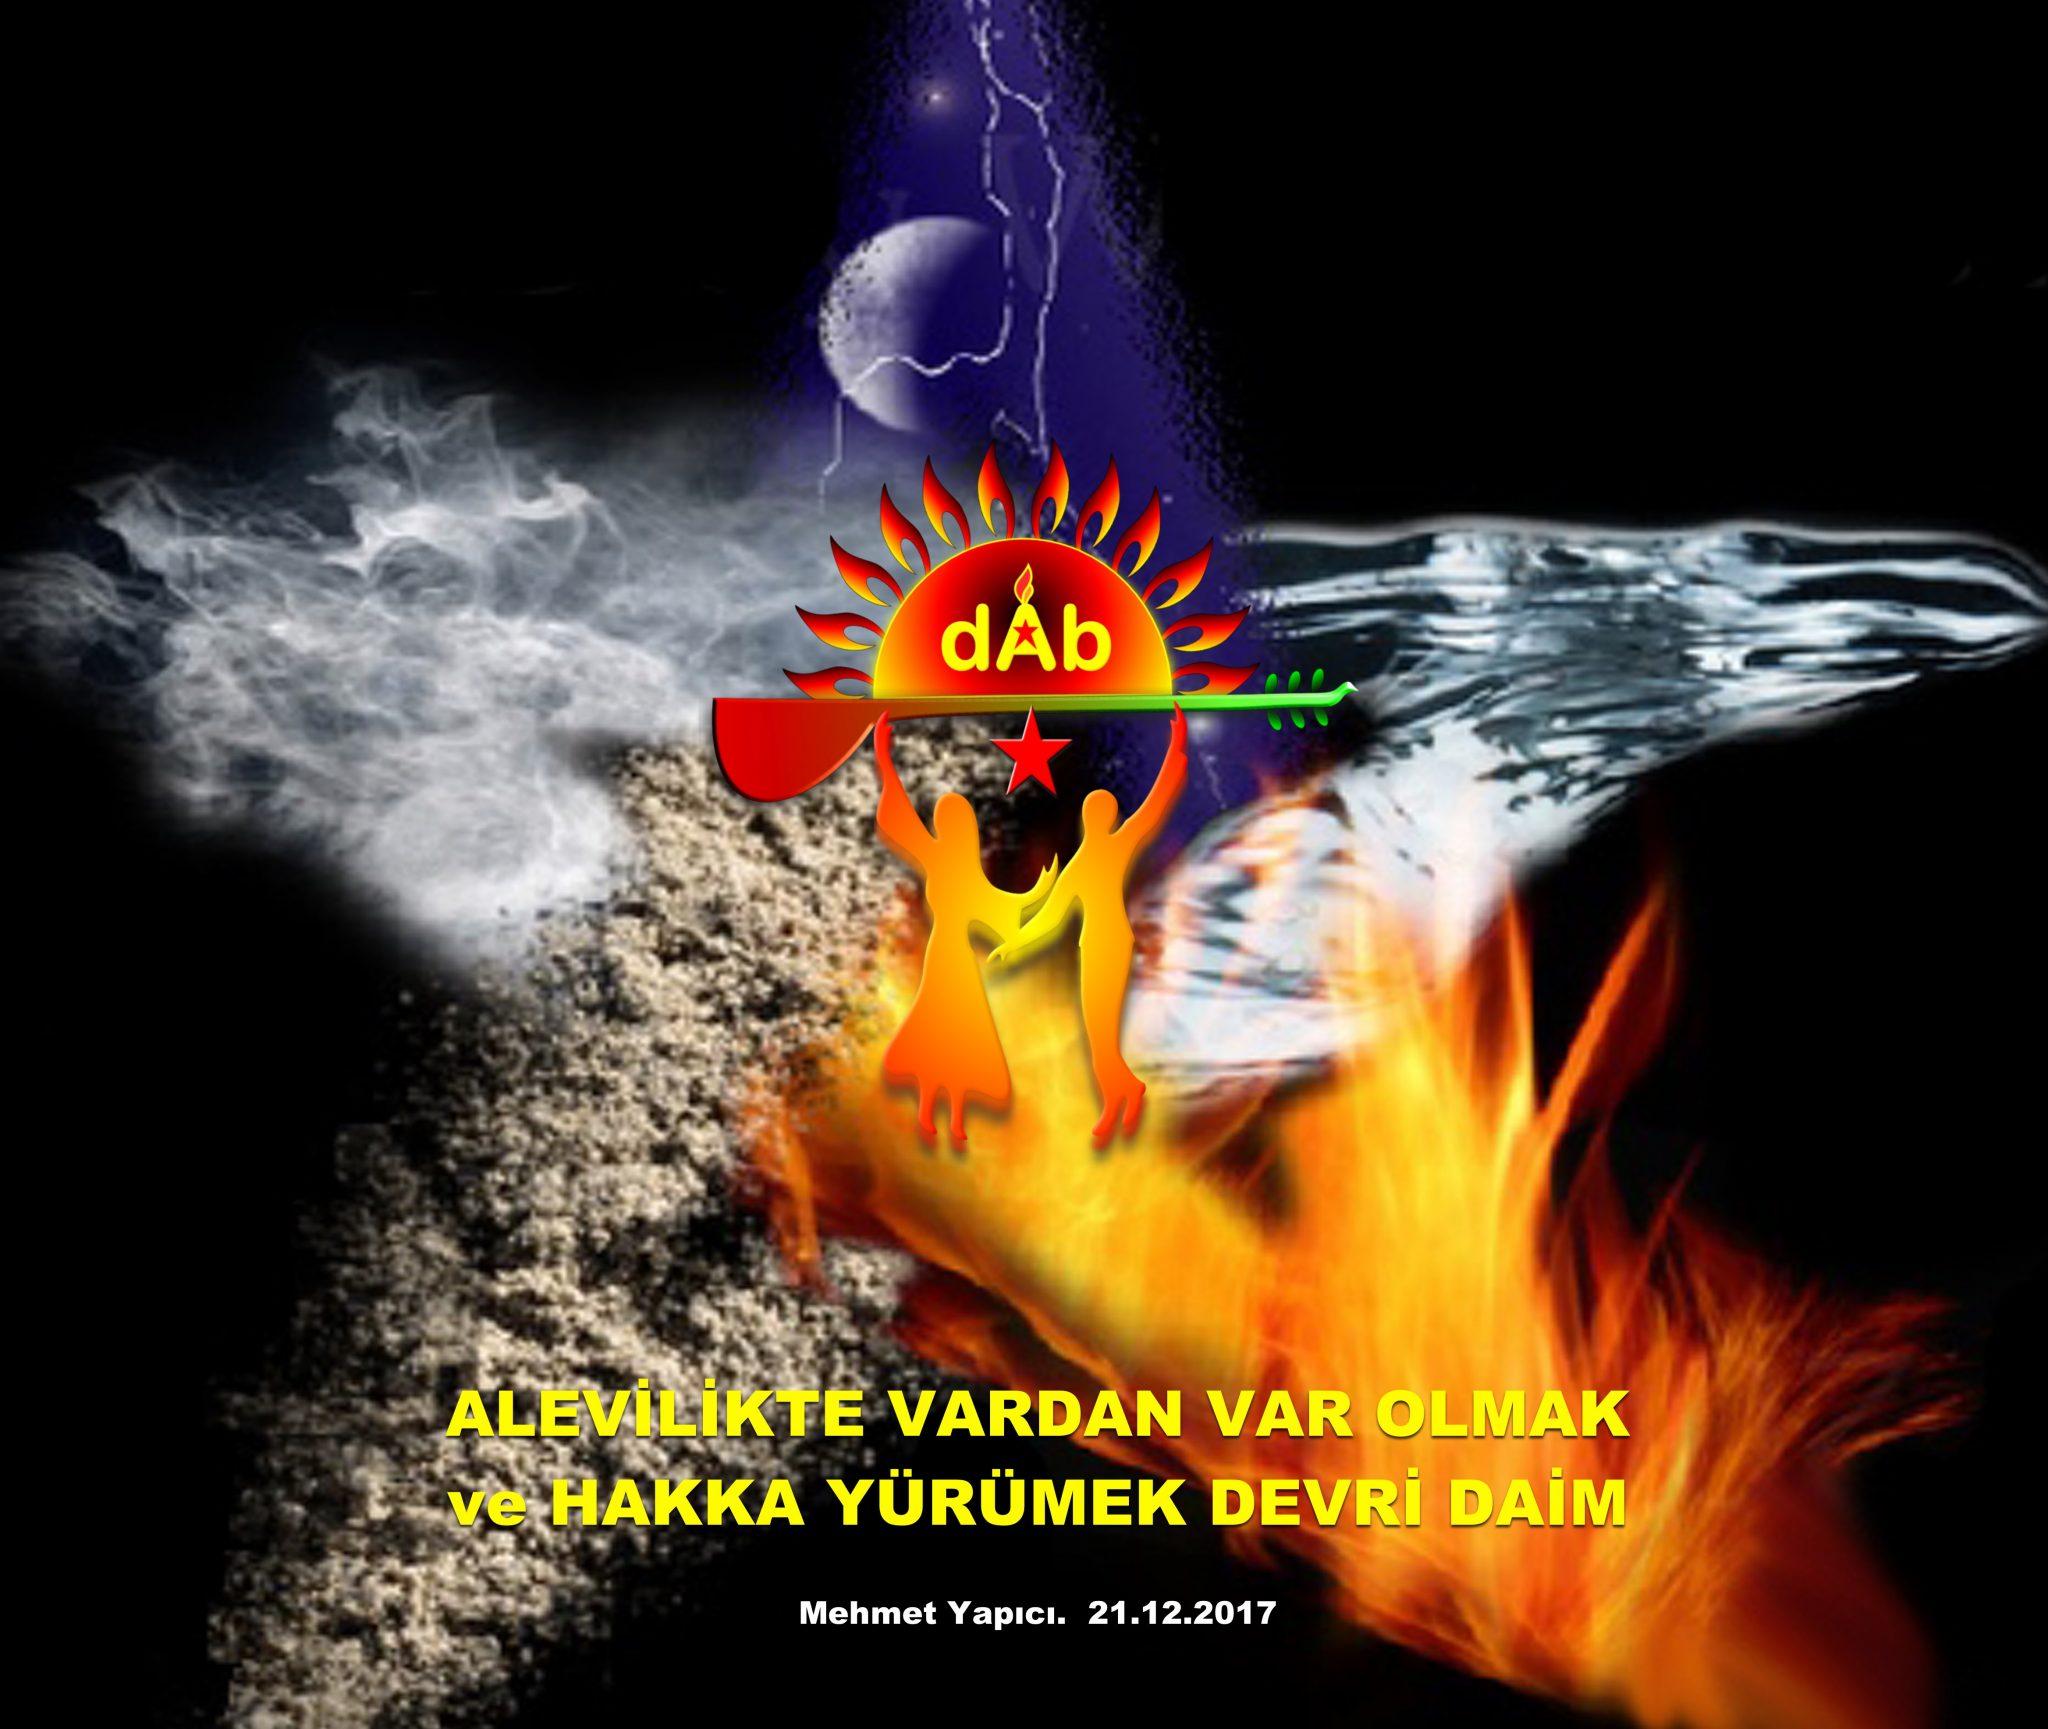 Alevi vardan var olmak dab devrimci aleviler kızılbas bektasi cem cemevi Mehmet yapıcı